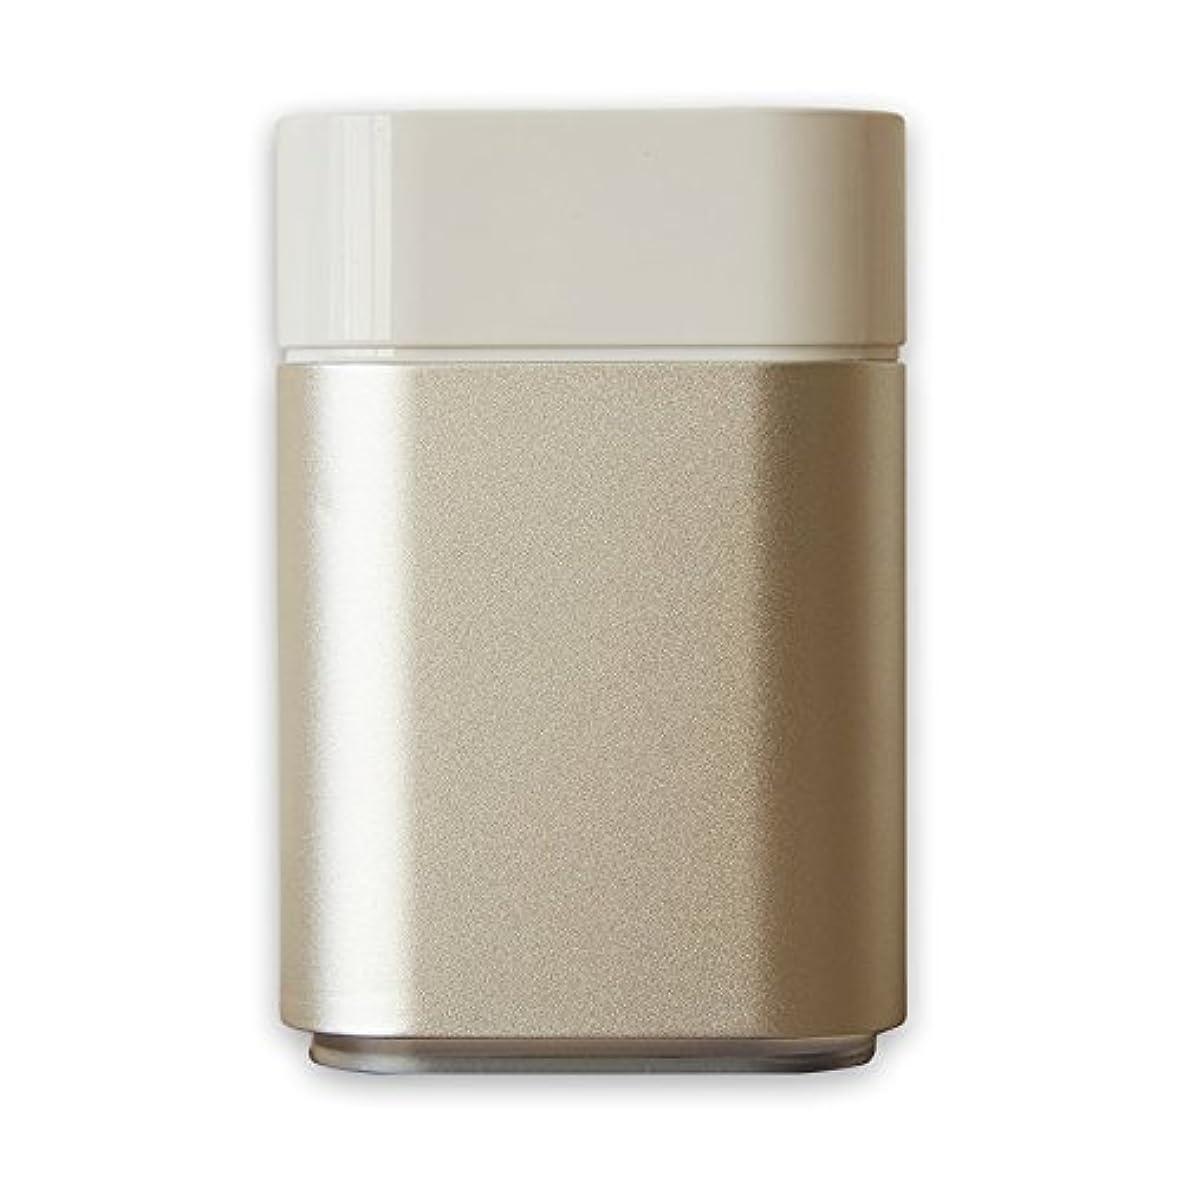 ペインティングピッチャー待つアロマディフューザー UR-AROMA04 卓上 小型 Uruon(ウルオン)水を使わない アロマ ネブライザー式 水なし ダイレクトオイル 製油瓶直噴式 超音波式 USB 卓上 油性 水性 静音 アロマオイル